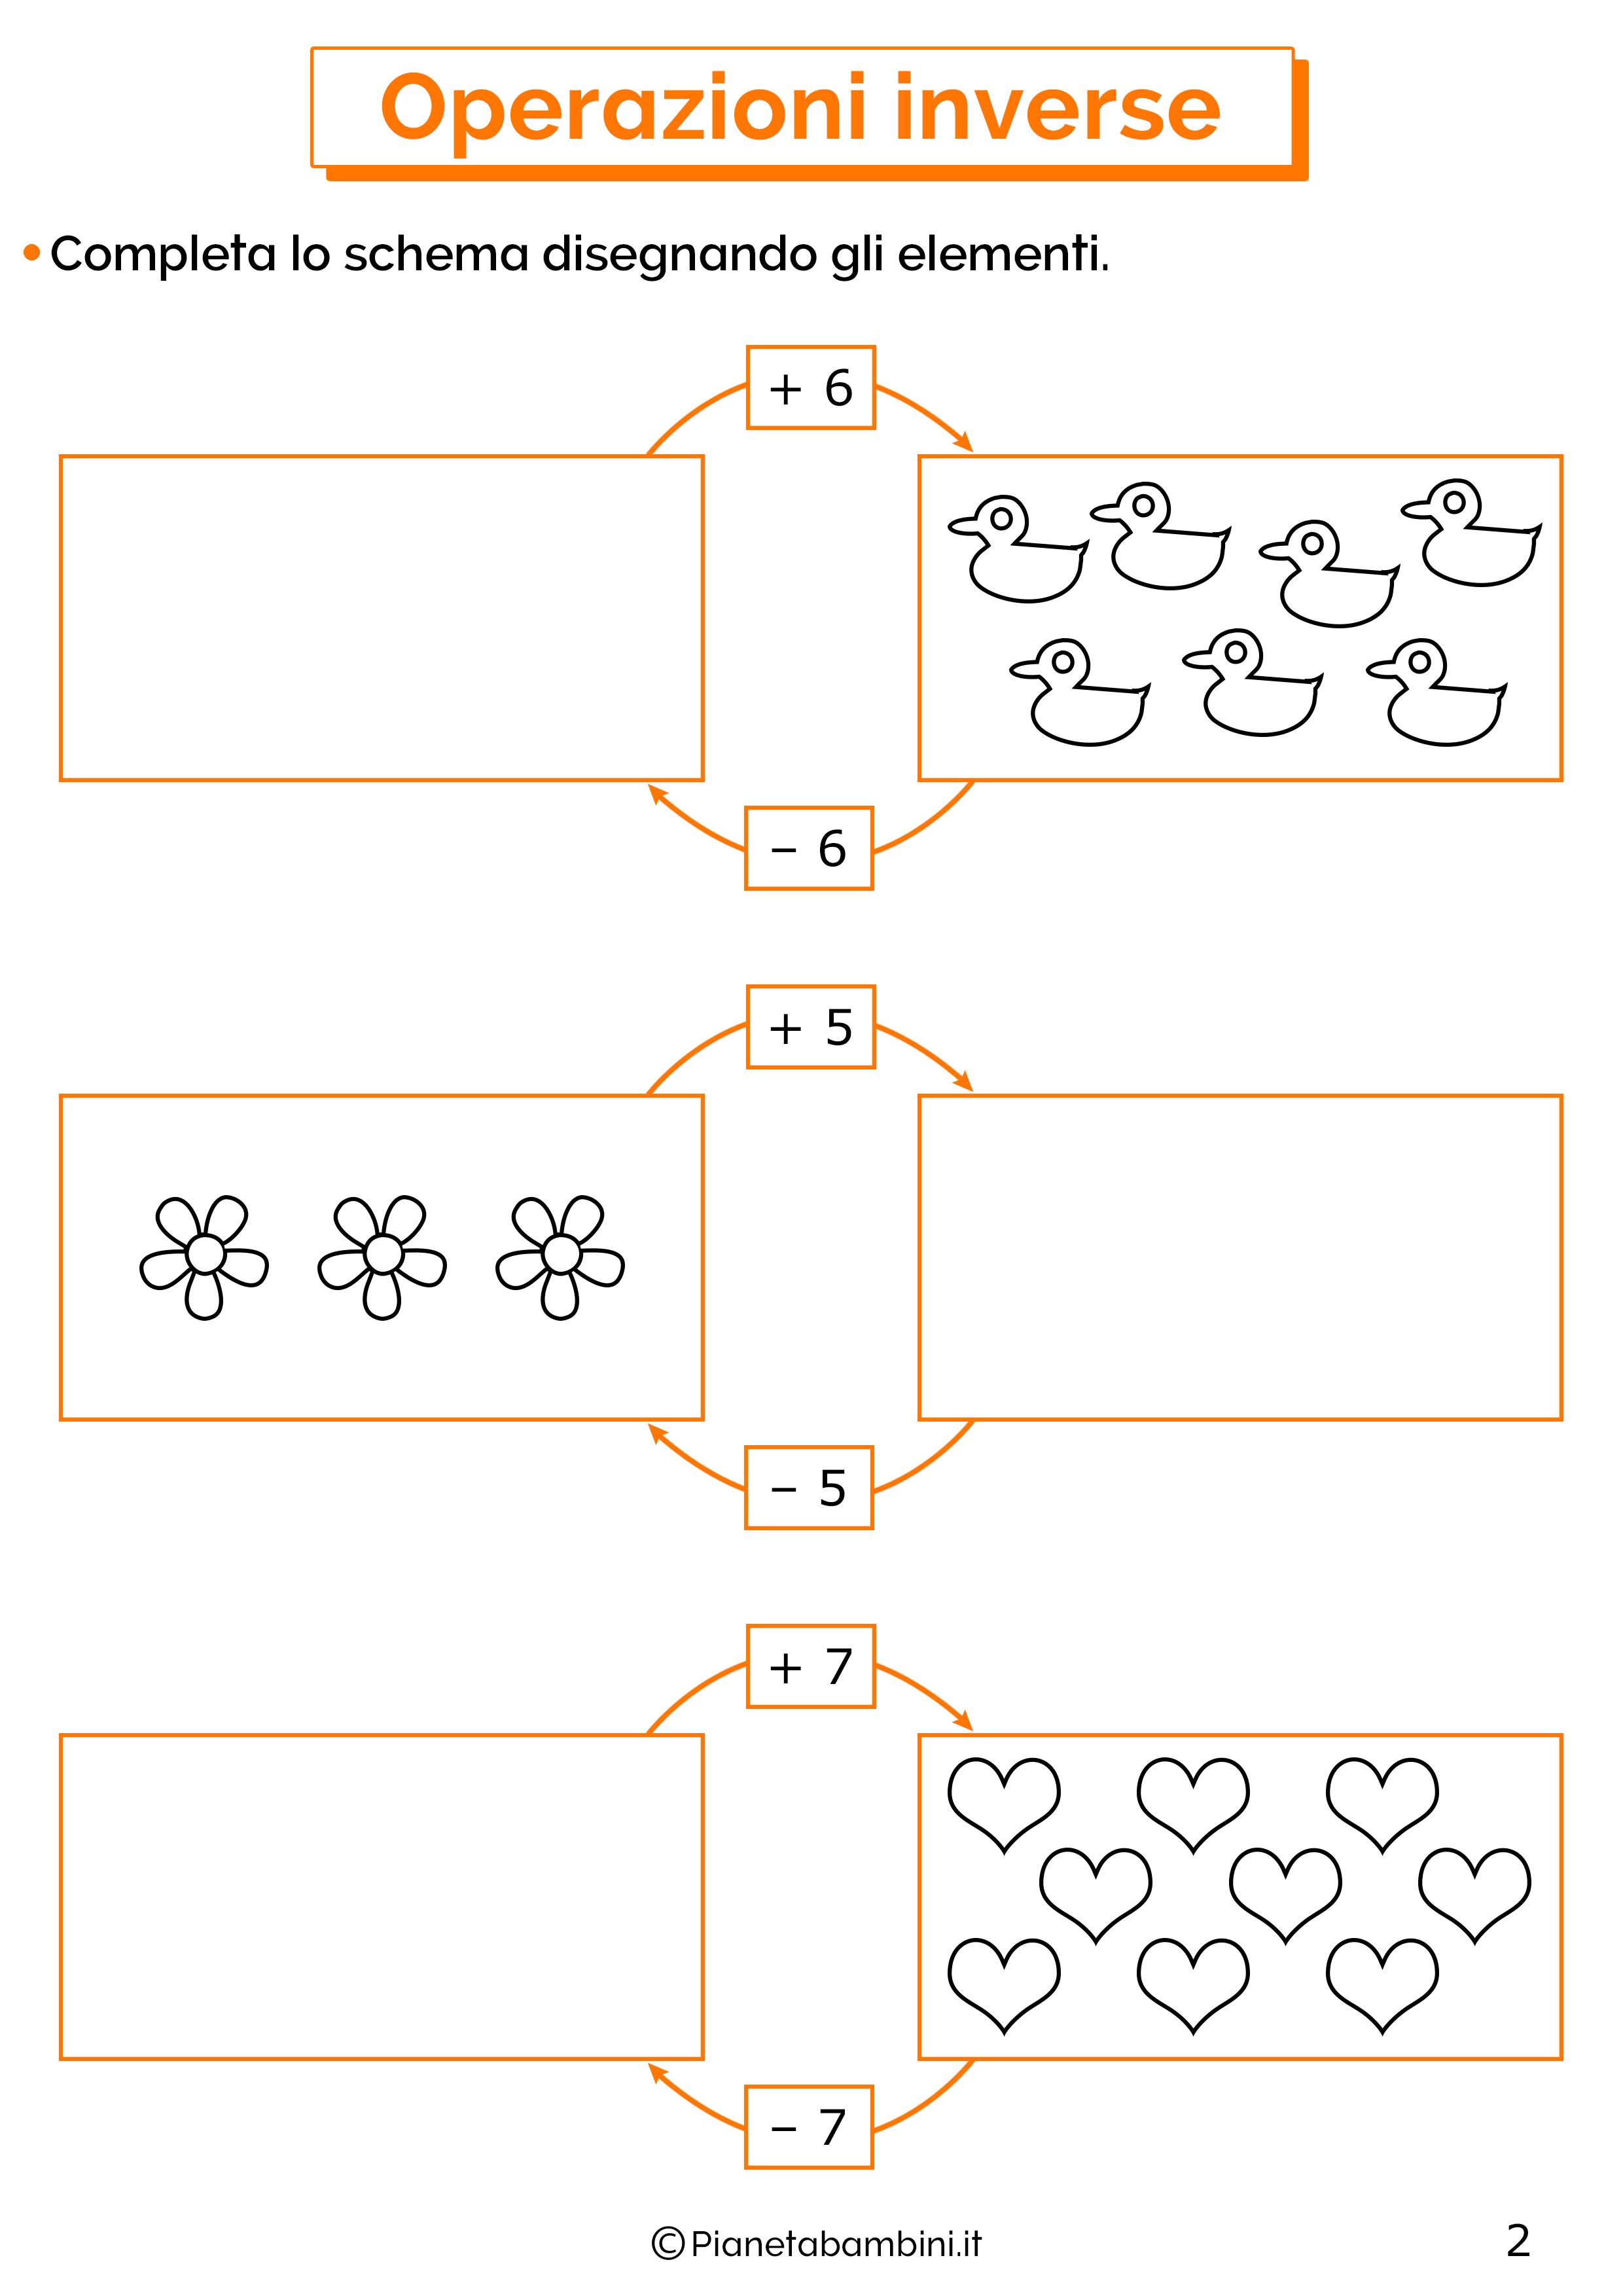 Schede didattiche sulle operazioni inverse 02